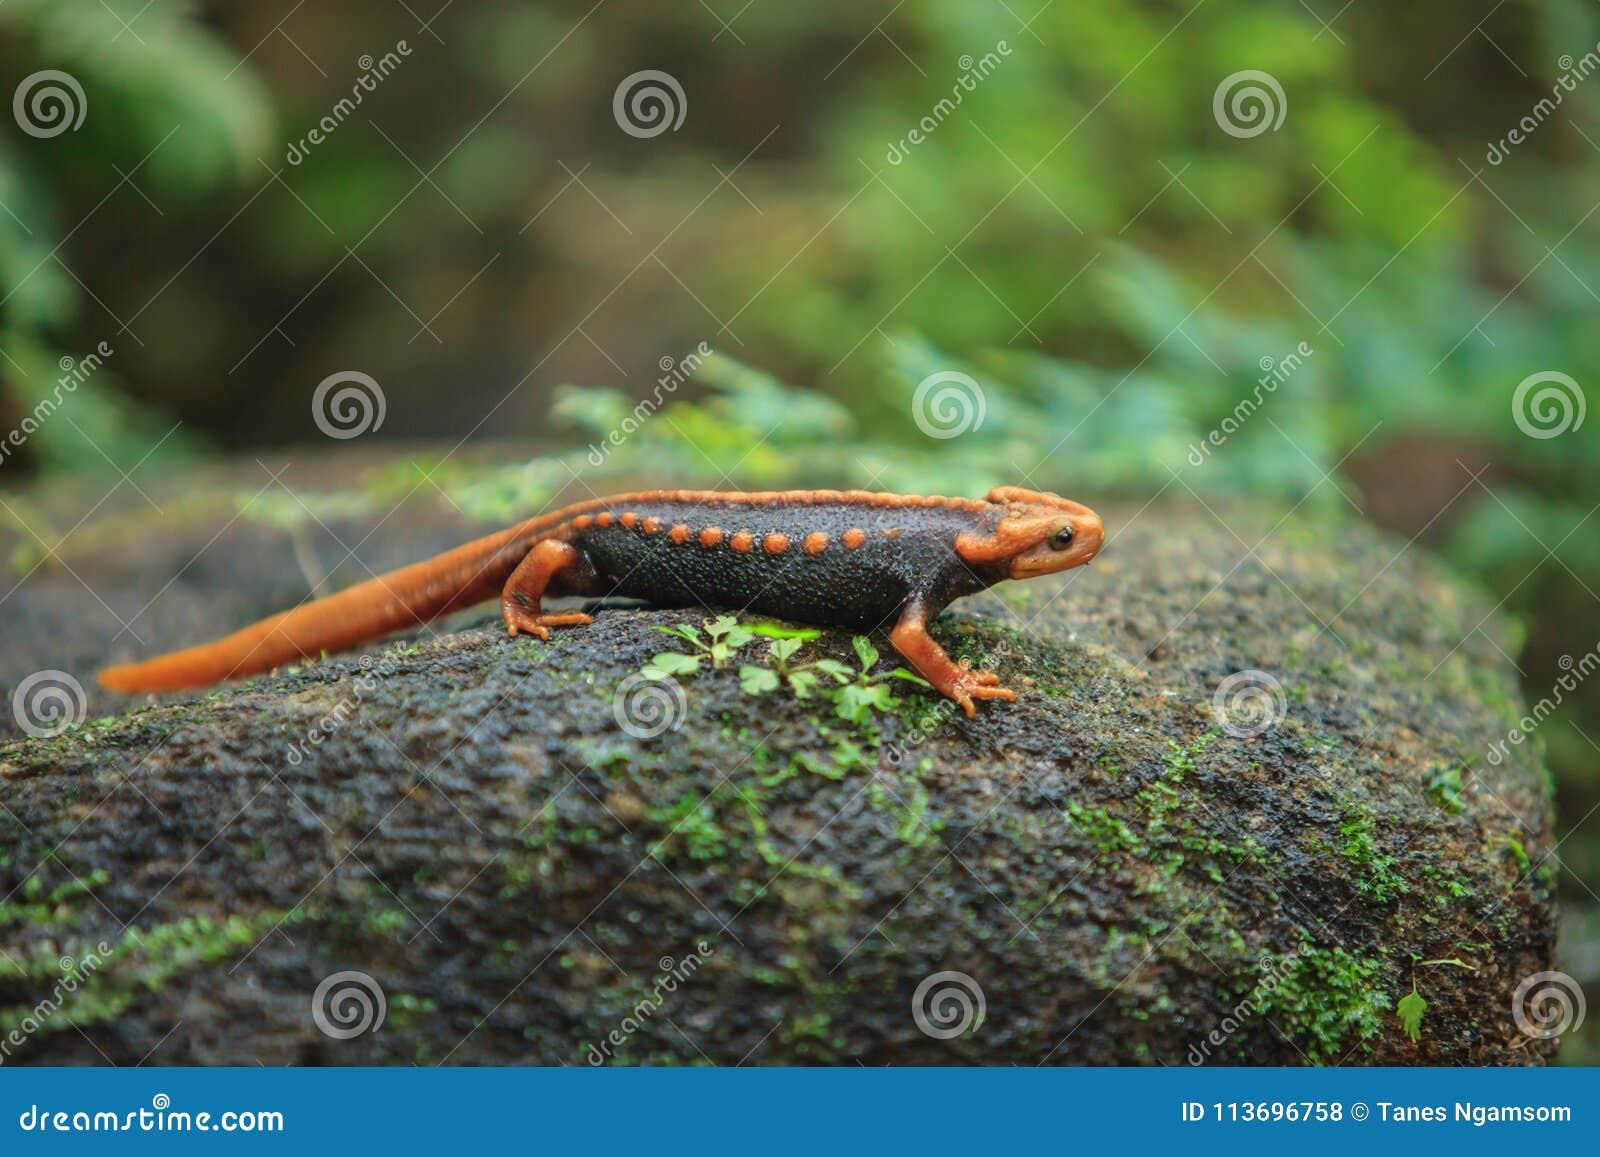 La salamandra del coccodrillo è stata trovata su Doi Inthanon, il hig